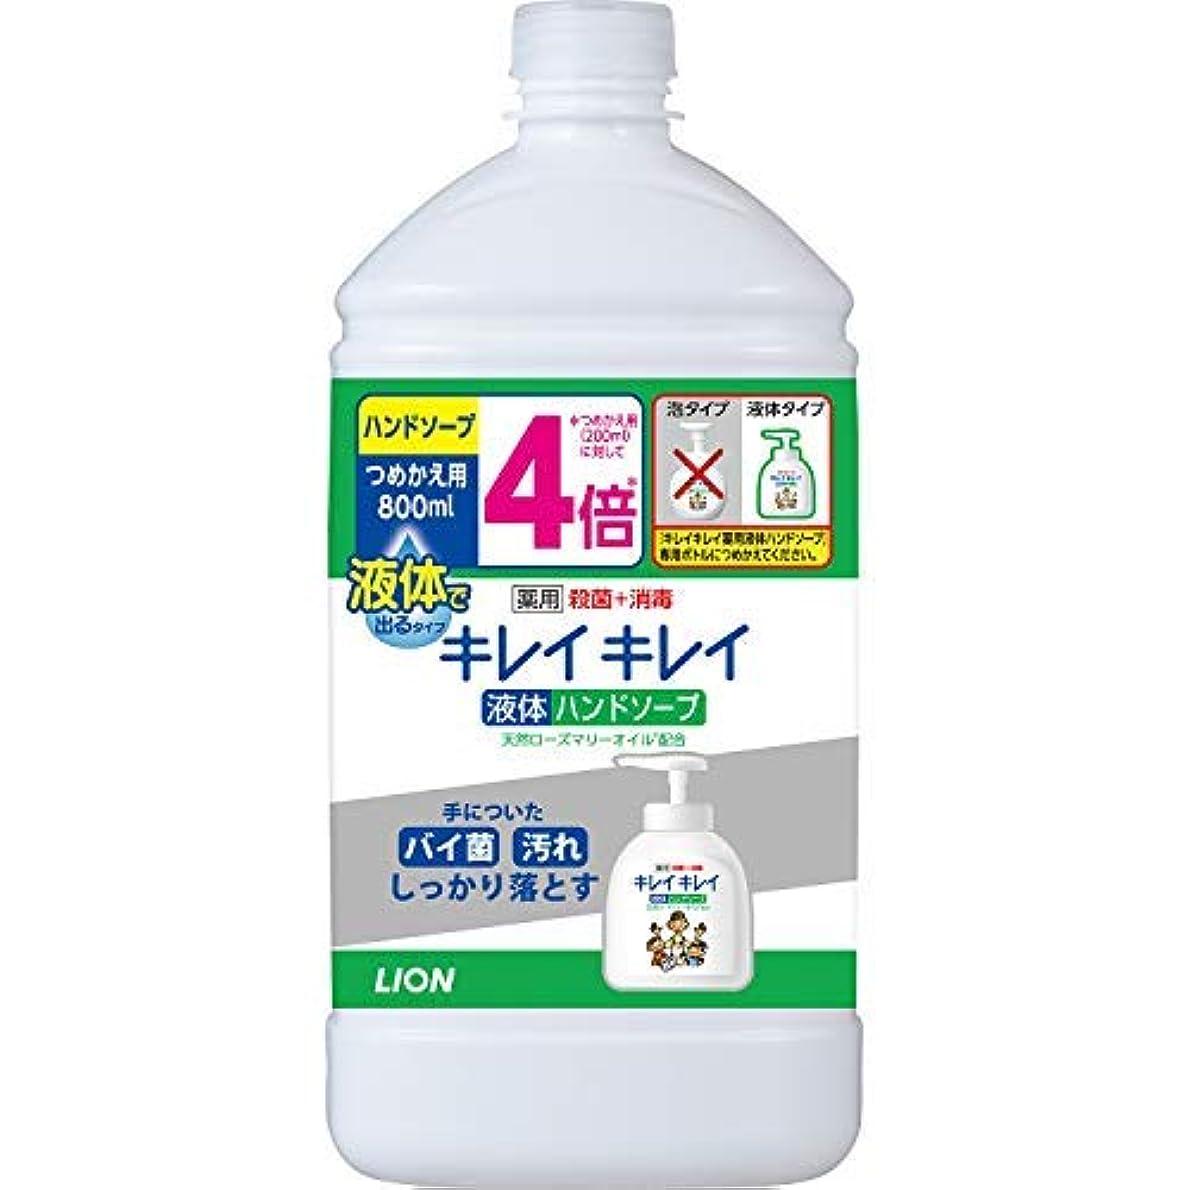 主流見捨てられた代表するキレイキレイ 薬用液体ハンドソープ つめかえ用特大サイズシトラスフルーテイ × 3個セット